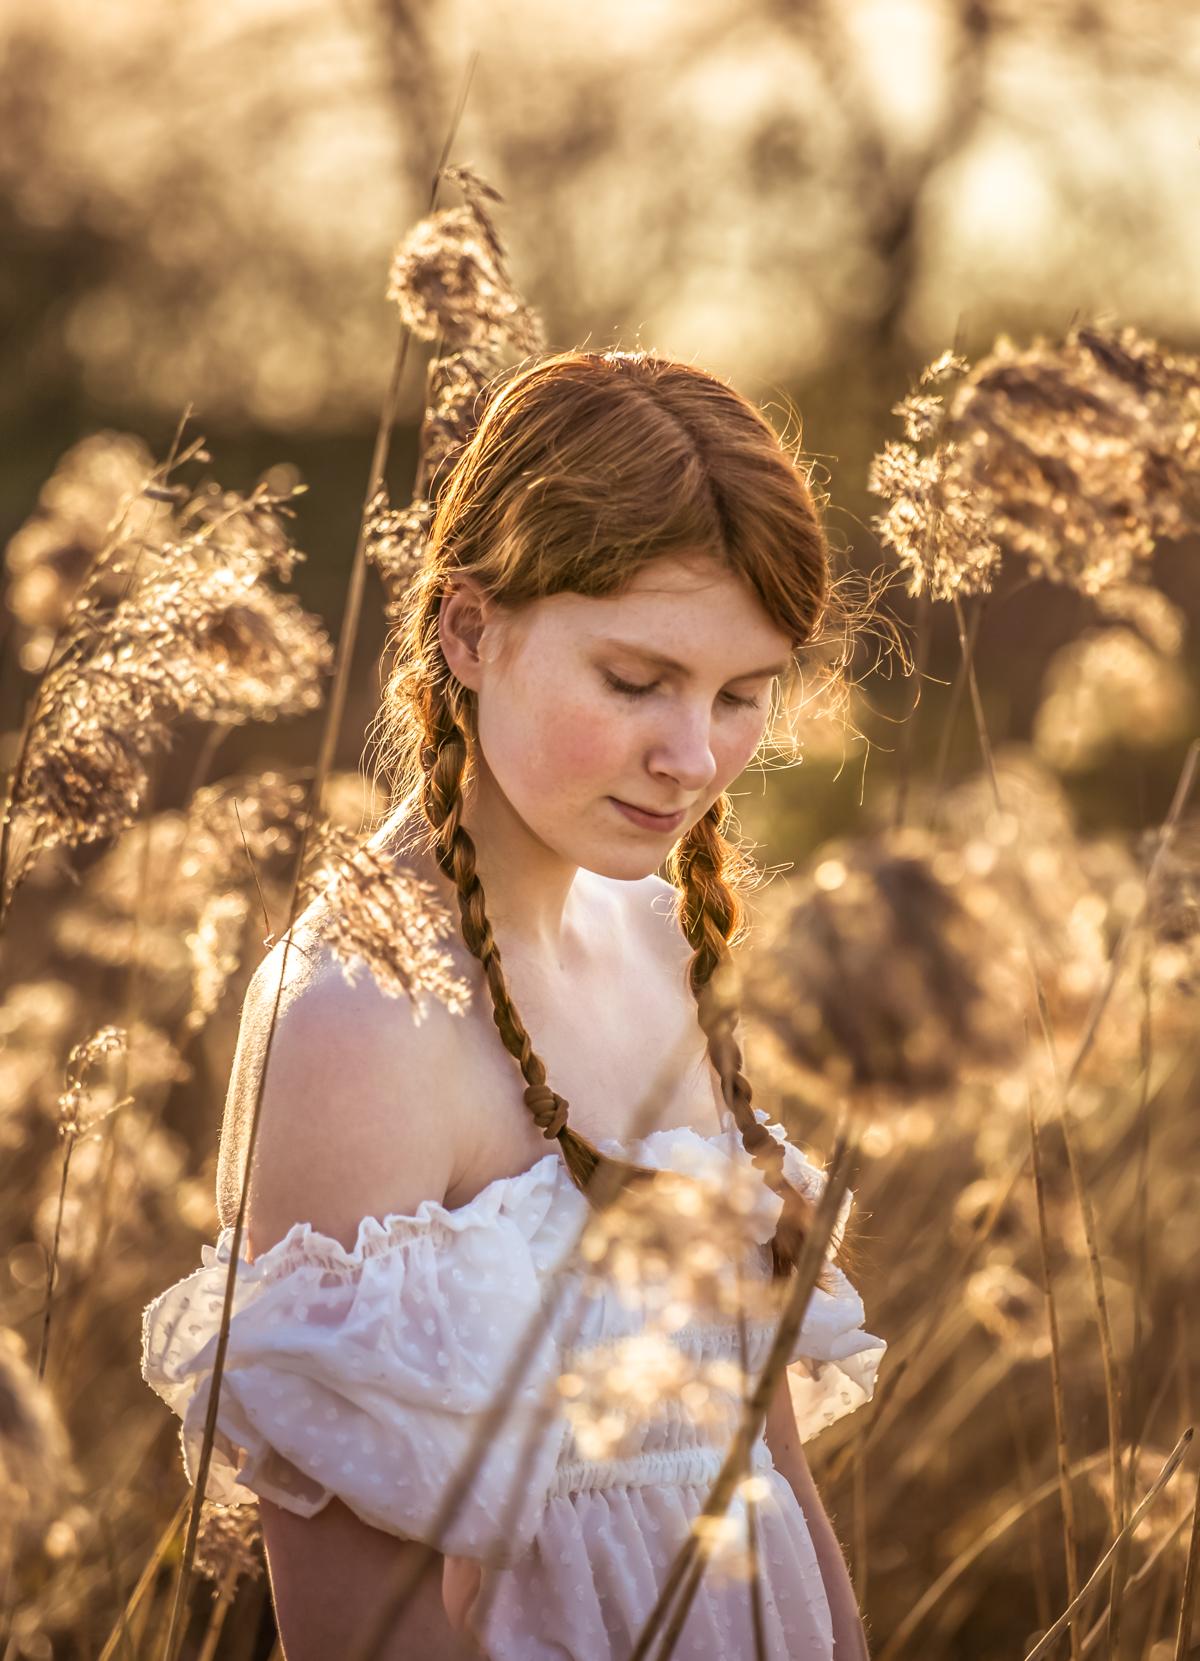 speciaal_licht#mooie_foto#mooi_model#rode_haren#fotograaf_maasbree#marion_peeten_fotografie#vrouweli